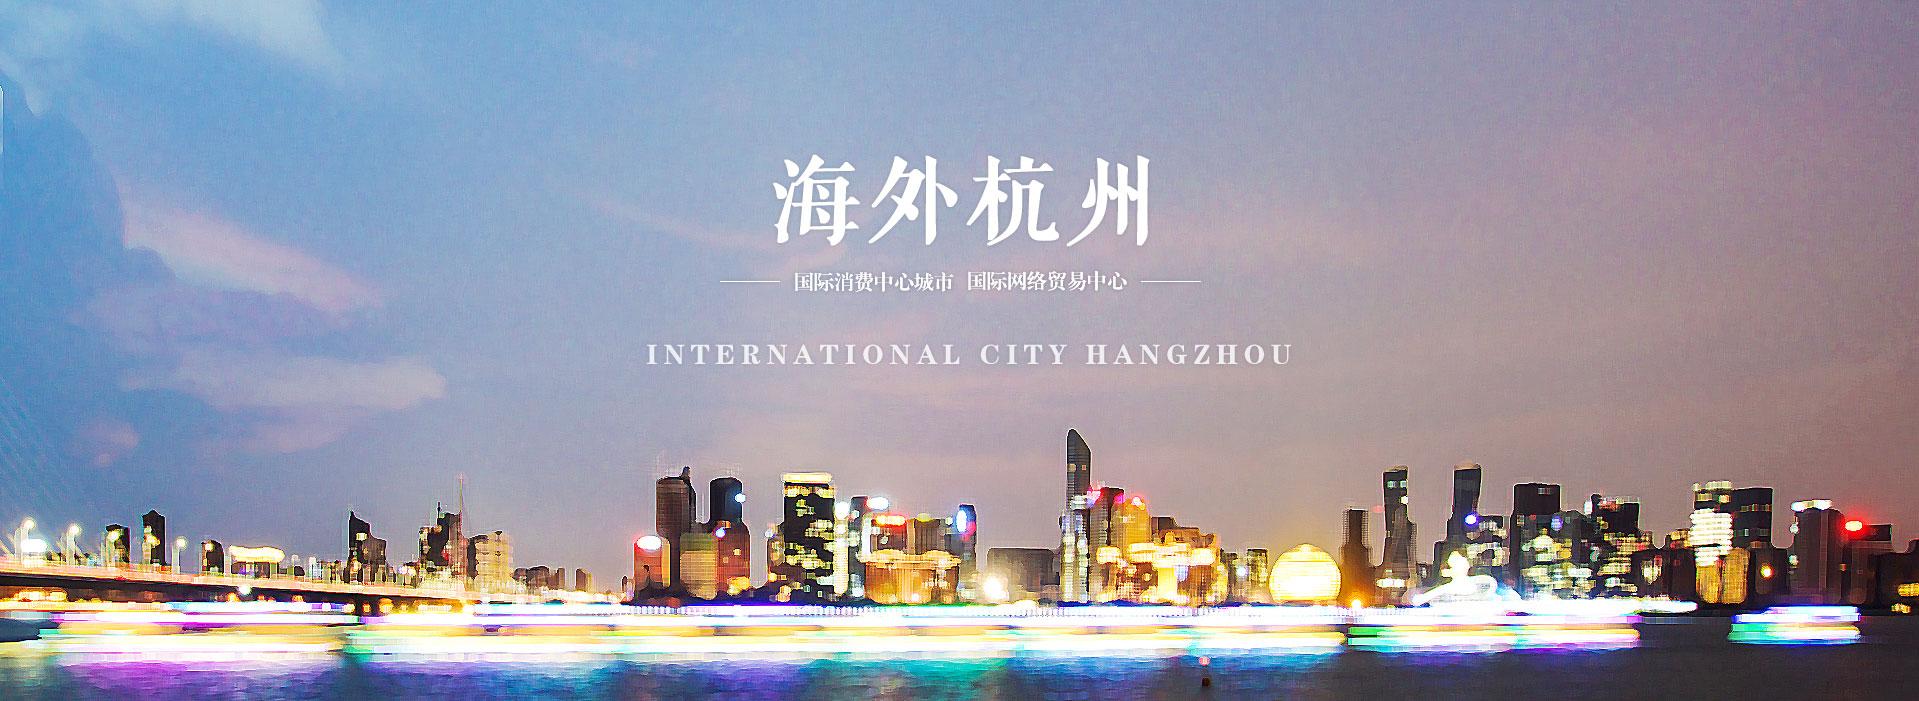 海外杭州-国际消费中心城市 国际网络贸易中心